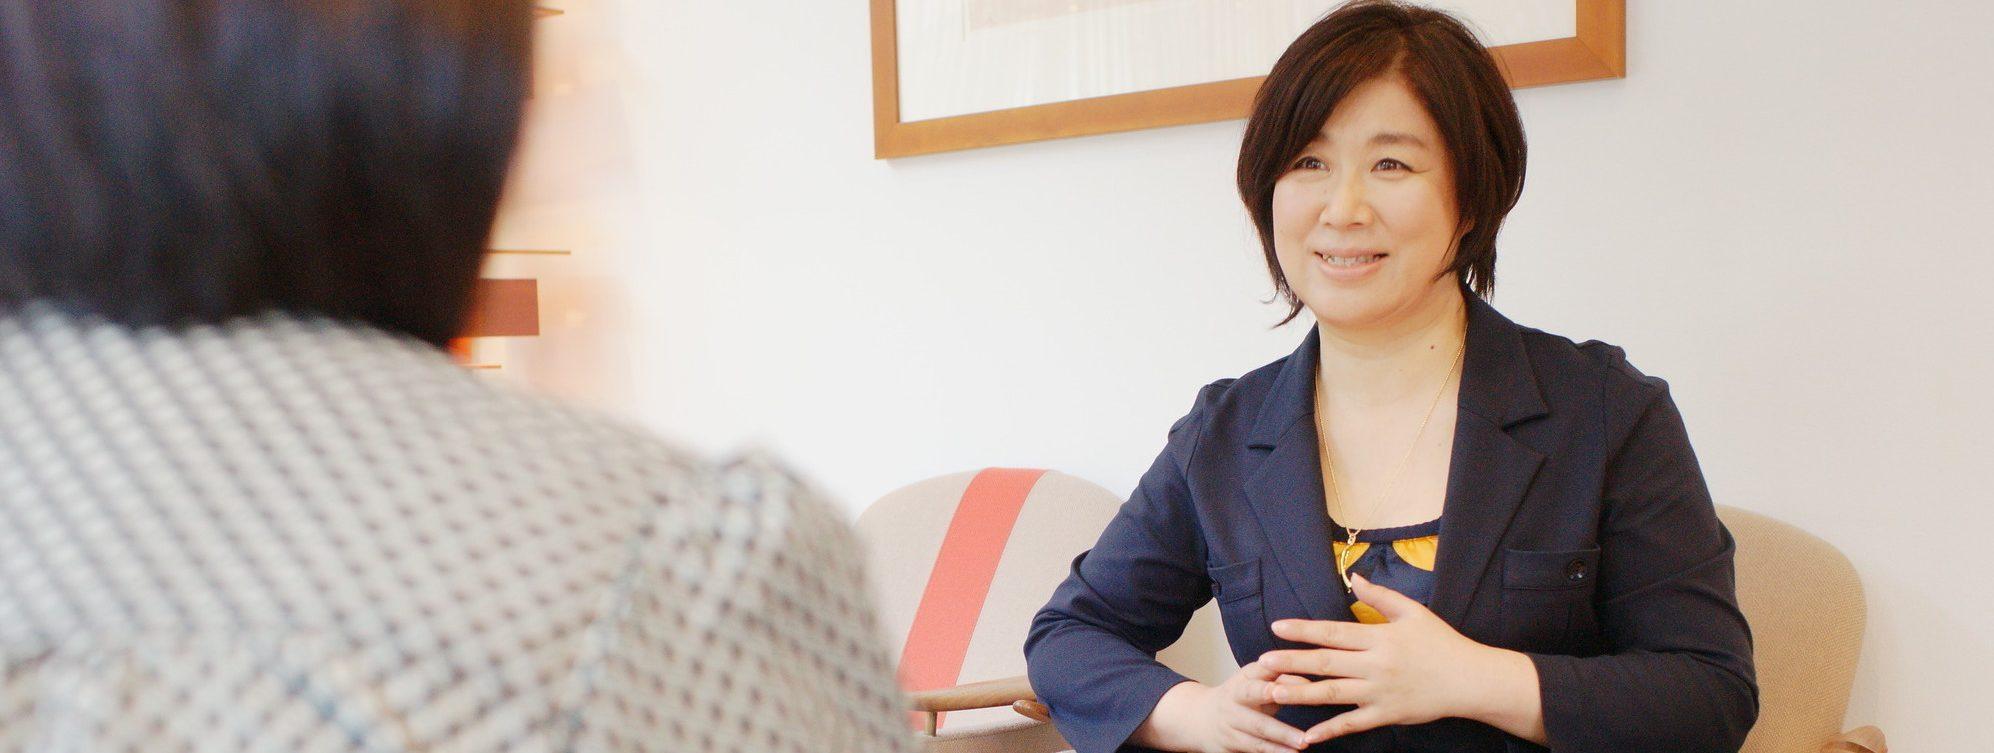 ライフシフト研究家 井上野乃花公式ブログ